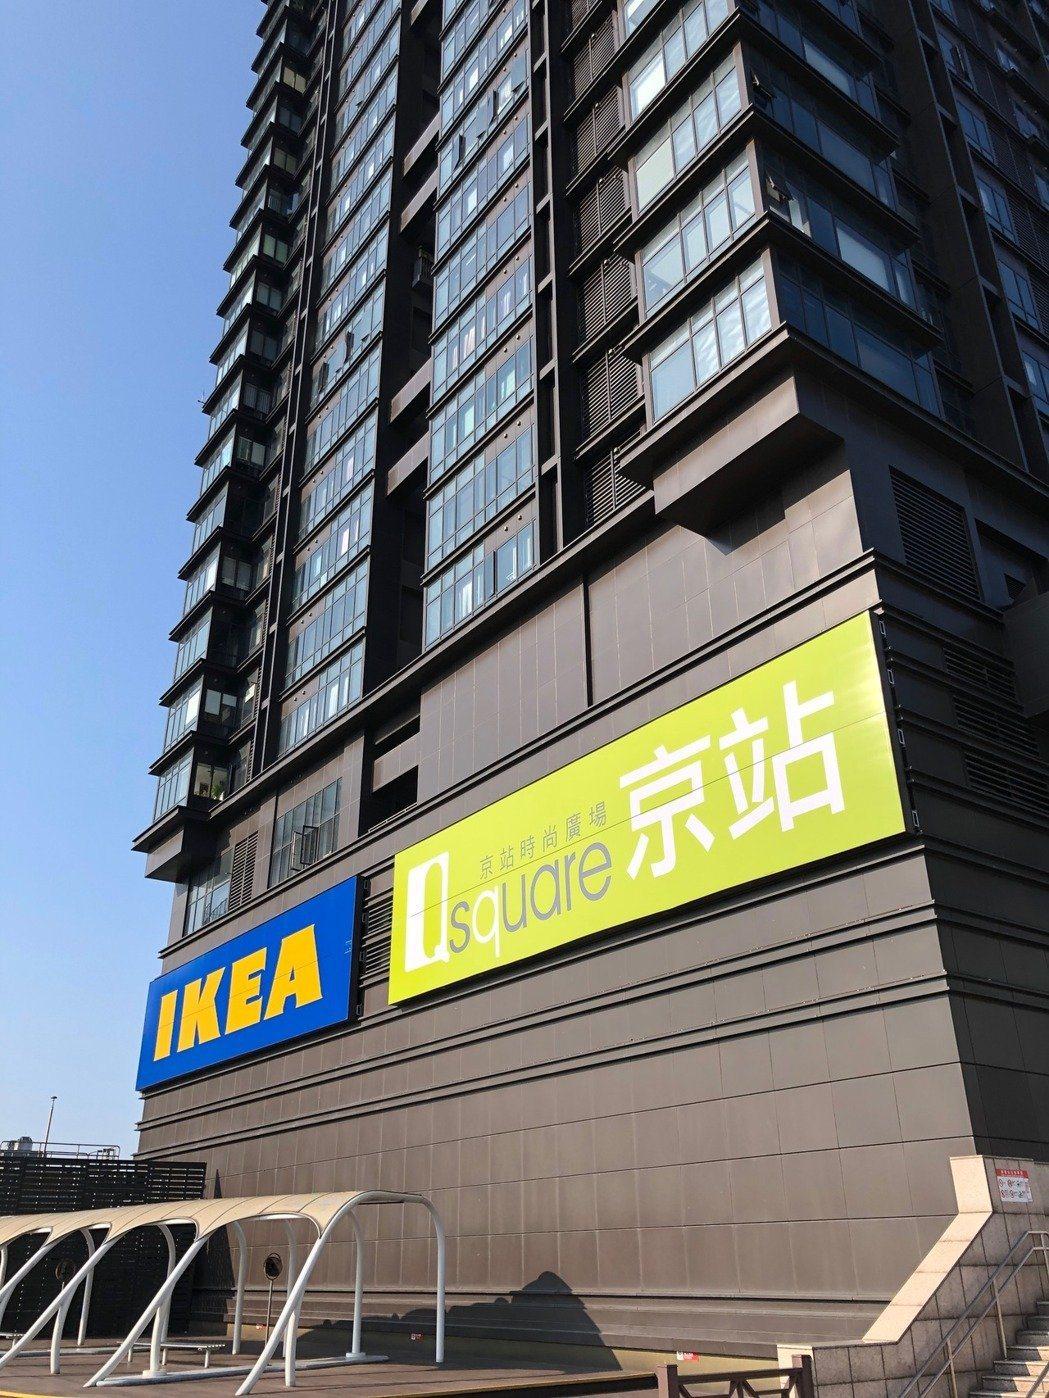 定位為「美食百貨」的京站小碧潭拼12月底開幕,據了解,裡頭約有44個品牌,且高達...